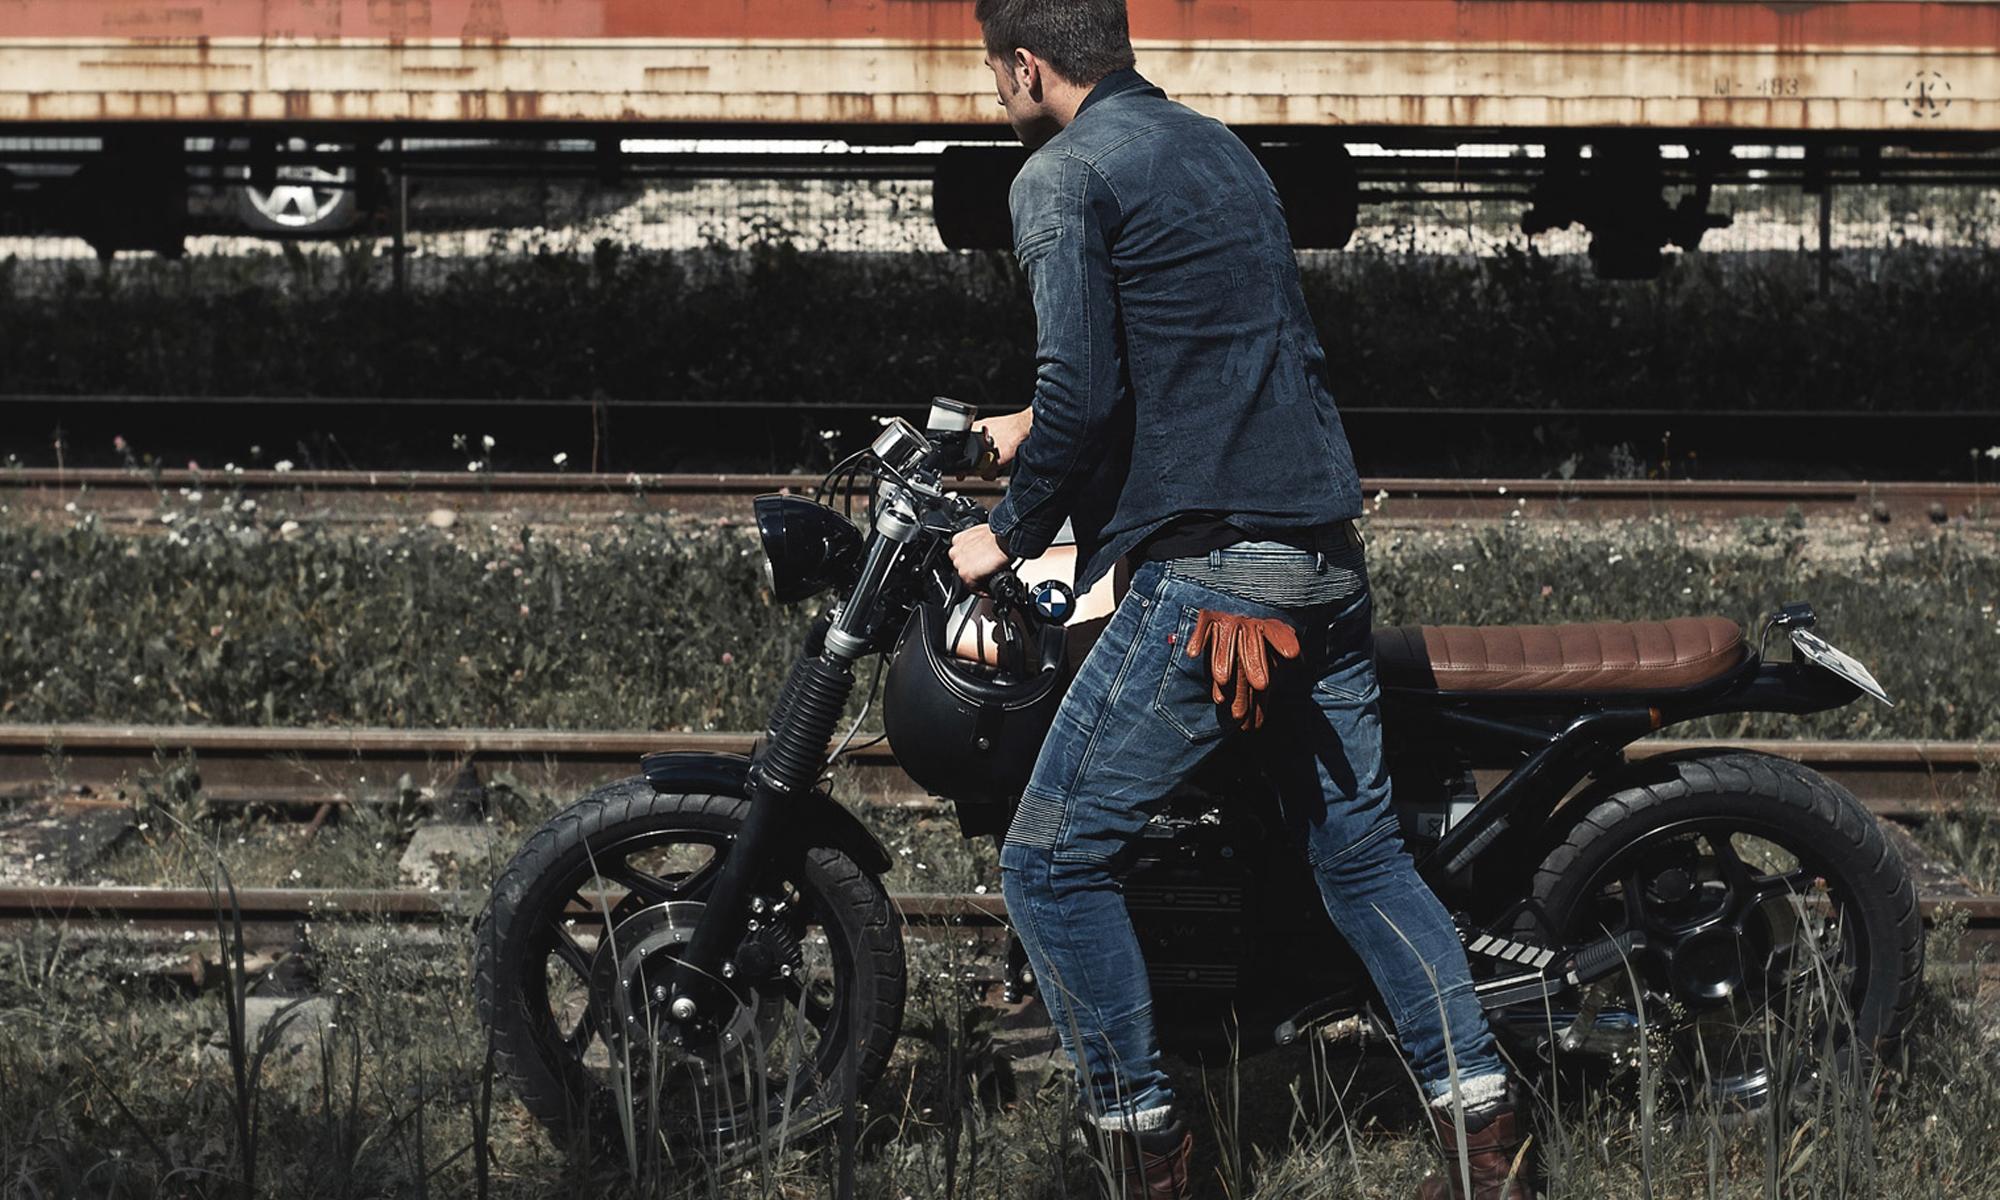 ヨーロッパデザインがバイカーを都会的に! PANDO MOTO -RIDING WEAR-